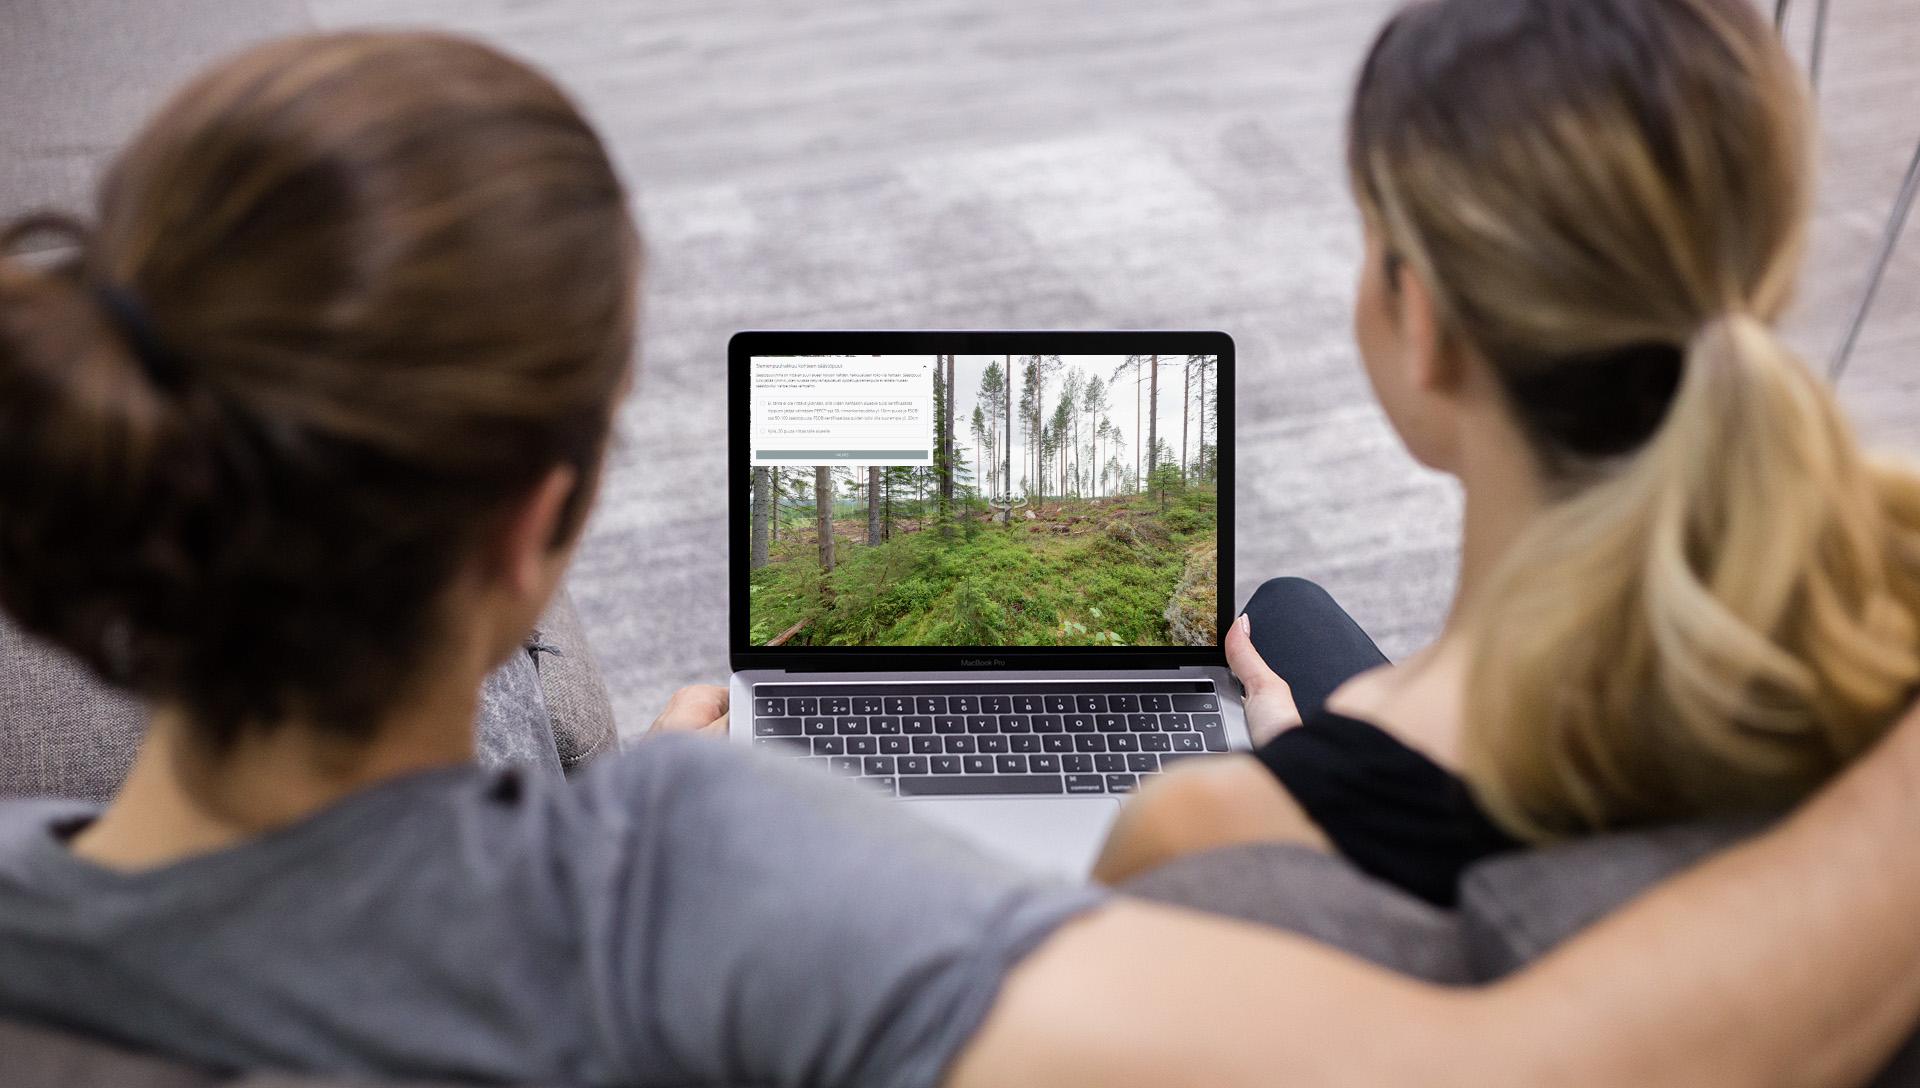 Kaksi henkilöä katselee luho oppimisympäristöä tietokoneelta.